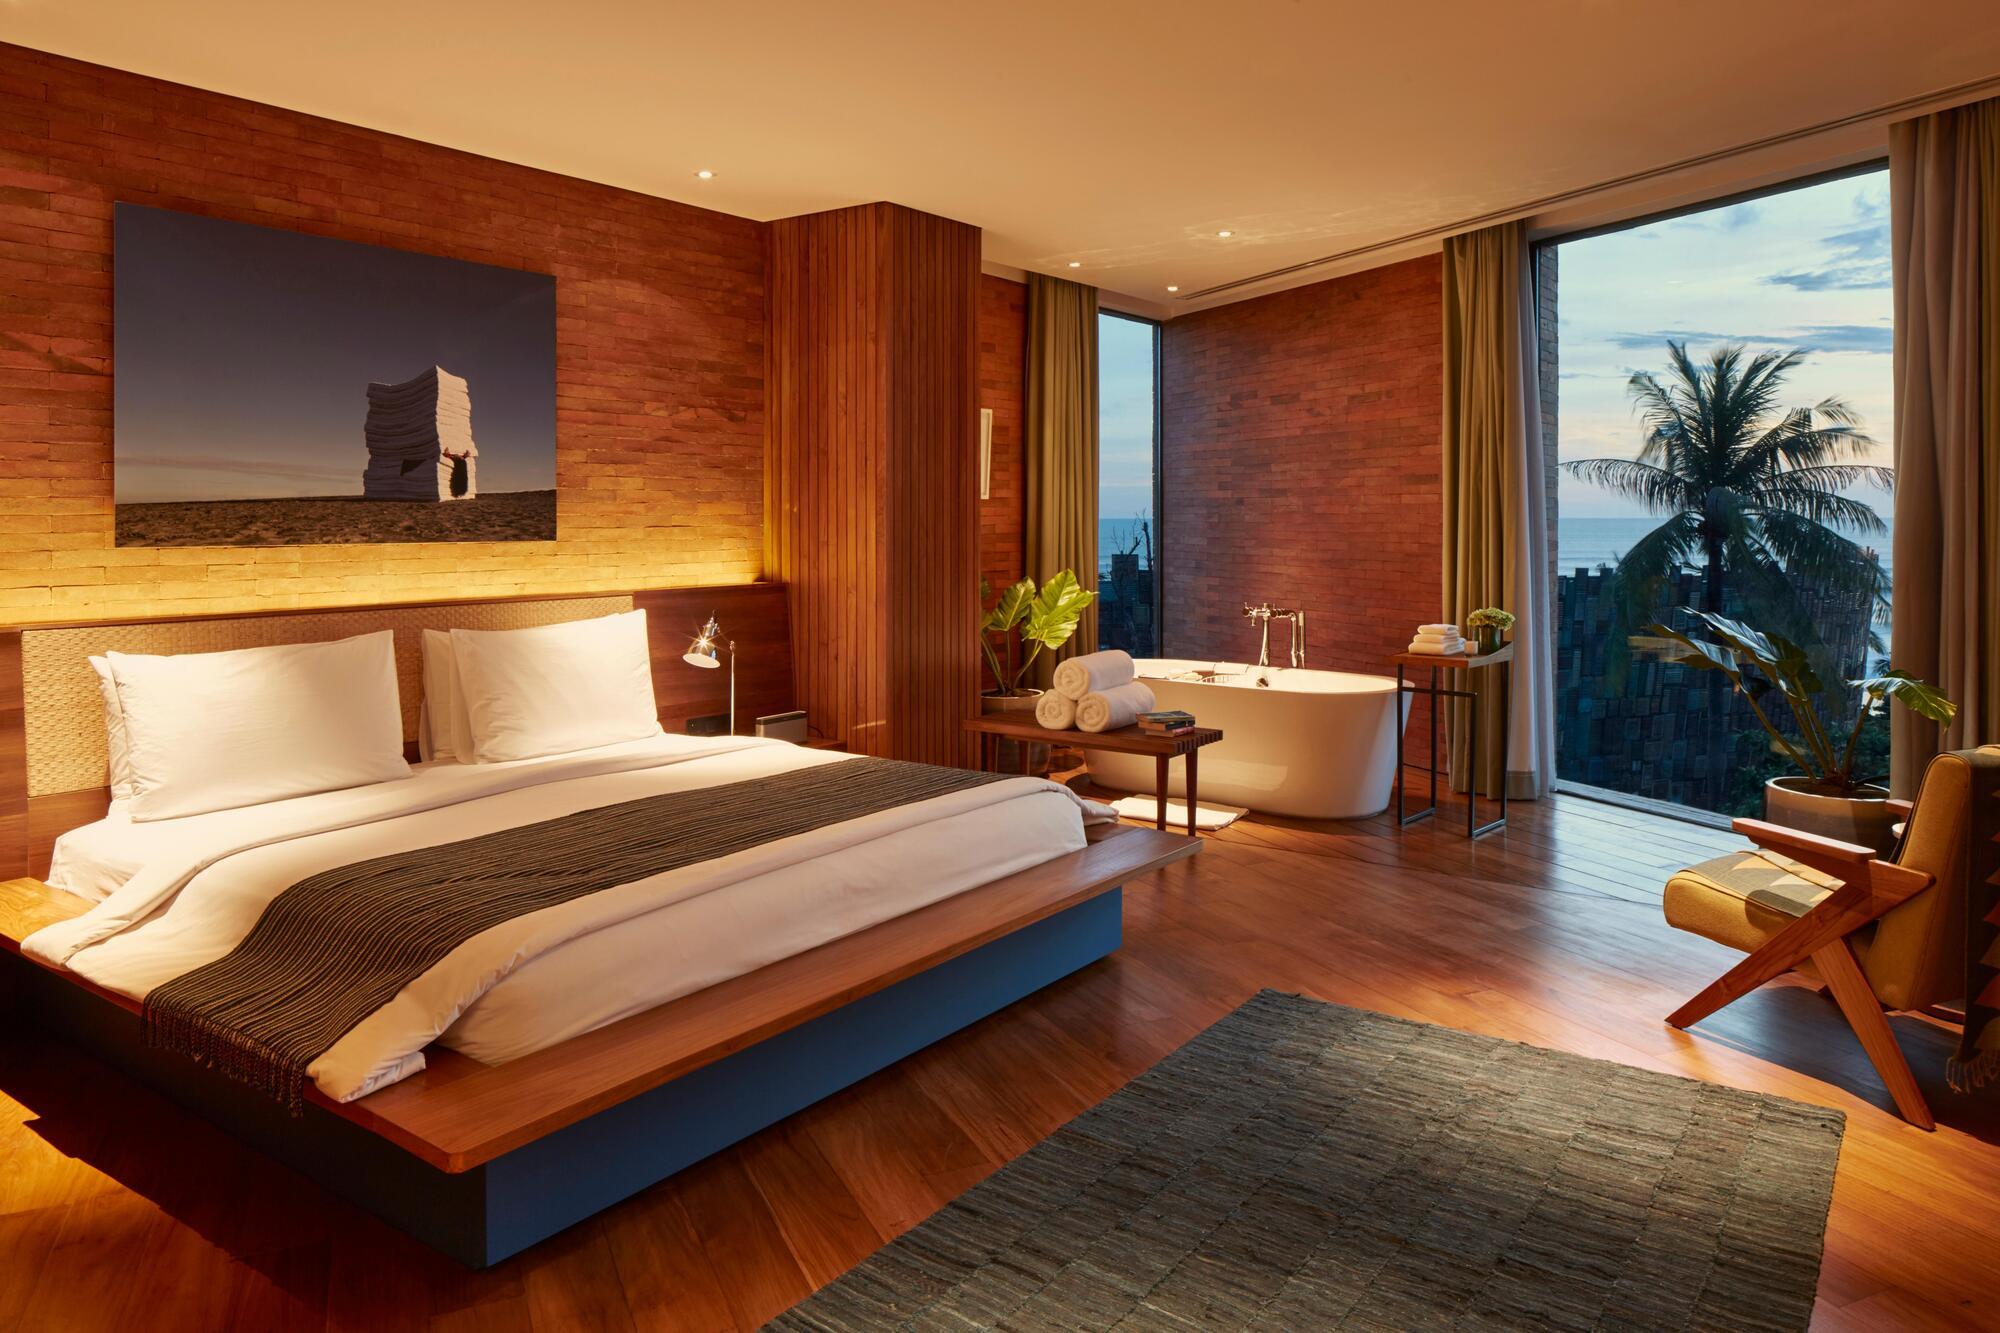 Katamama Hotel Image 1